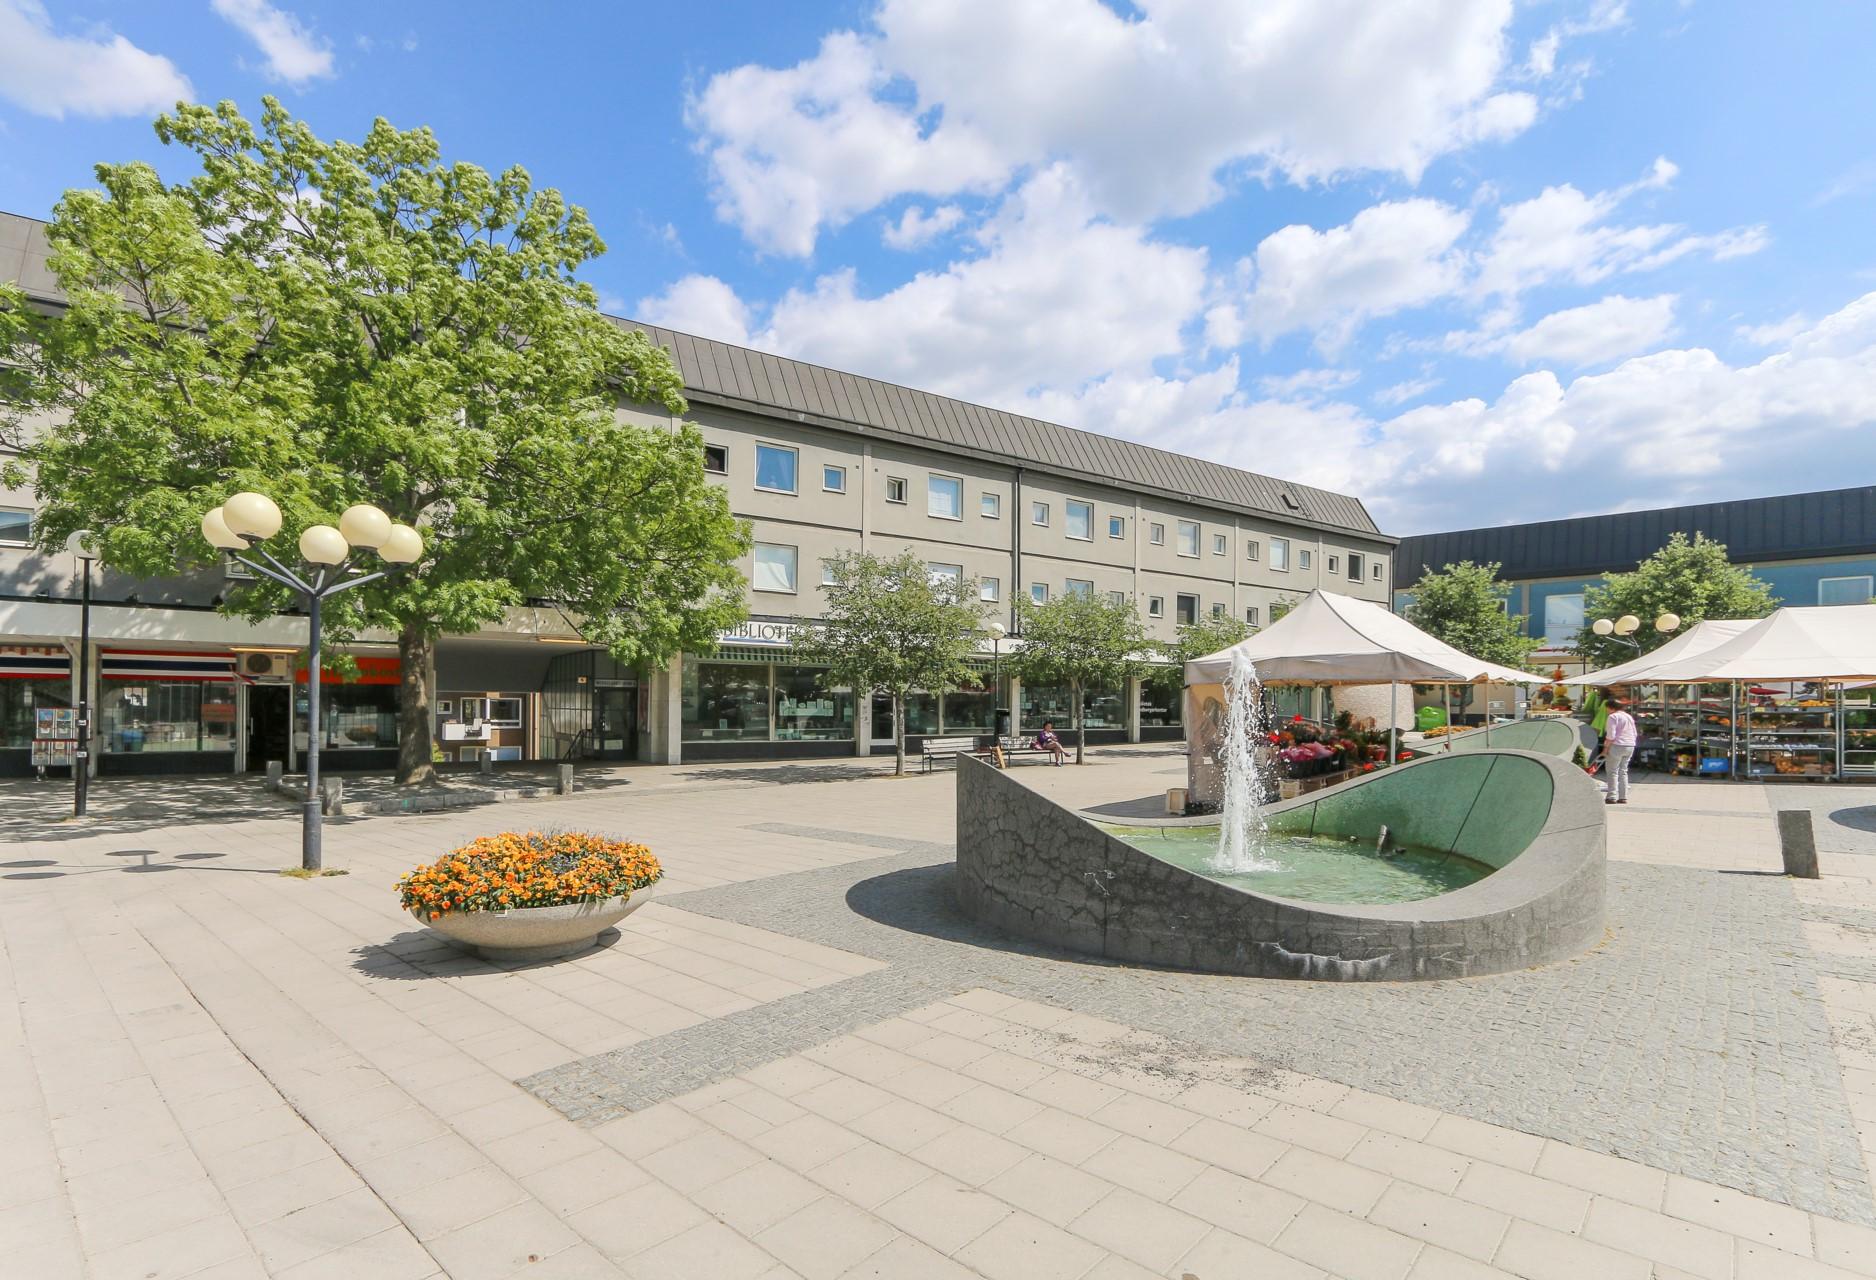 Det välbevarade Blackebergs torg omnämns ofta när det gäller 50-talsarkitektur